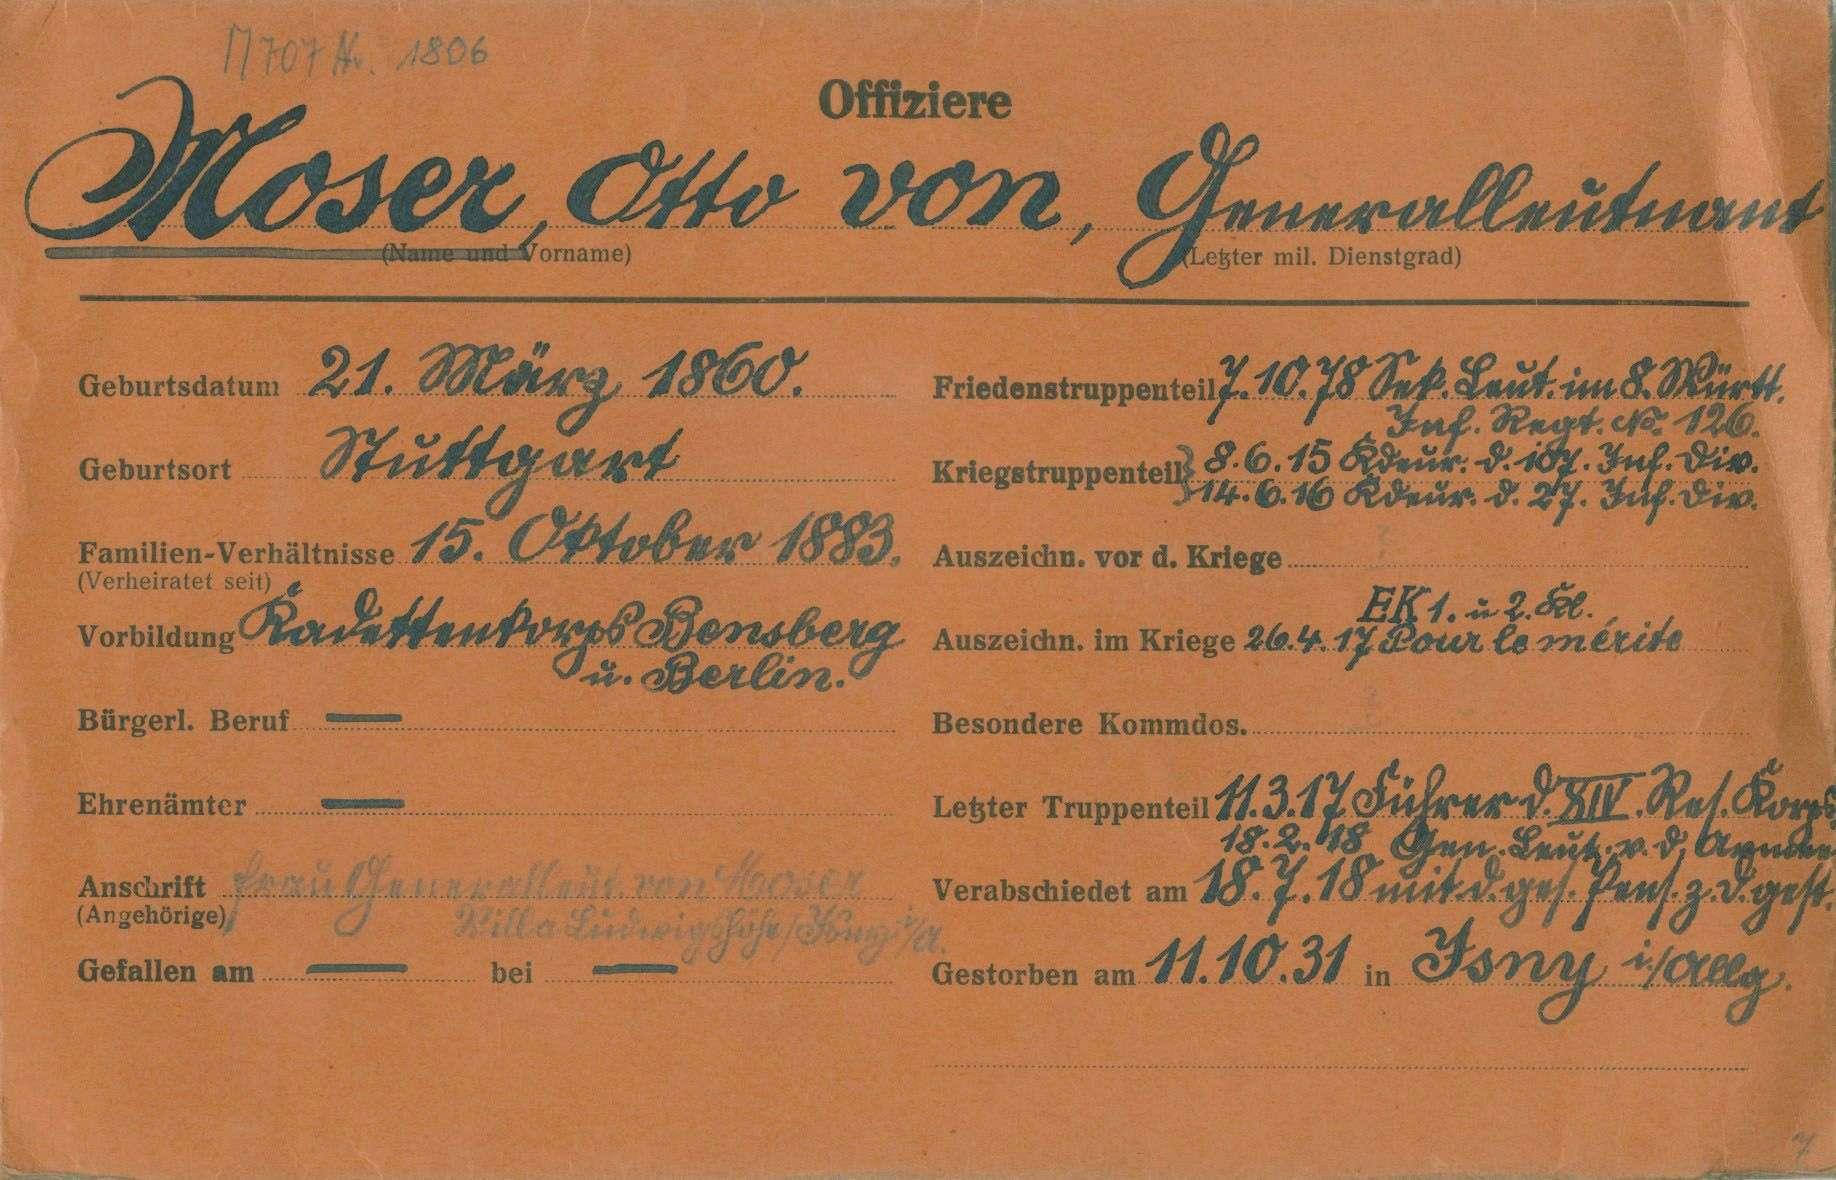 Moser, Otto von, Bild 1